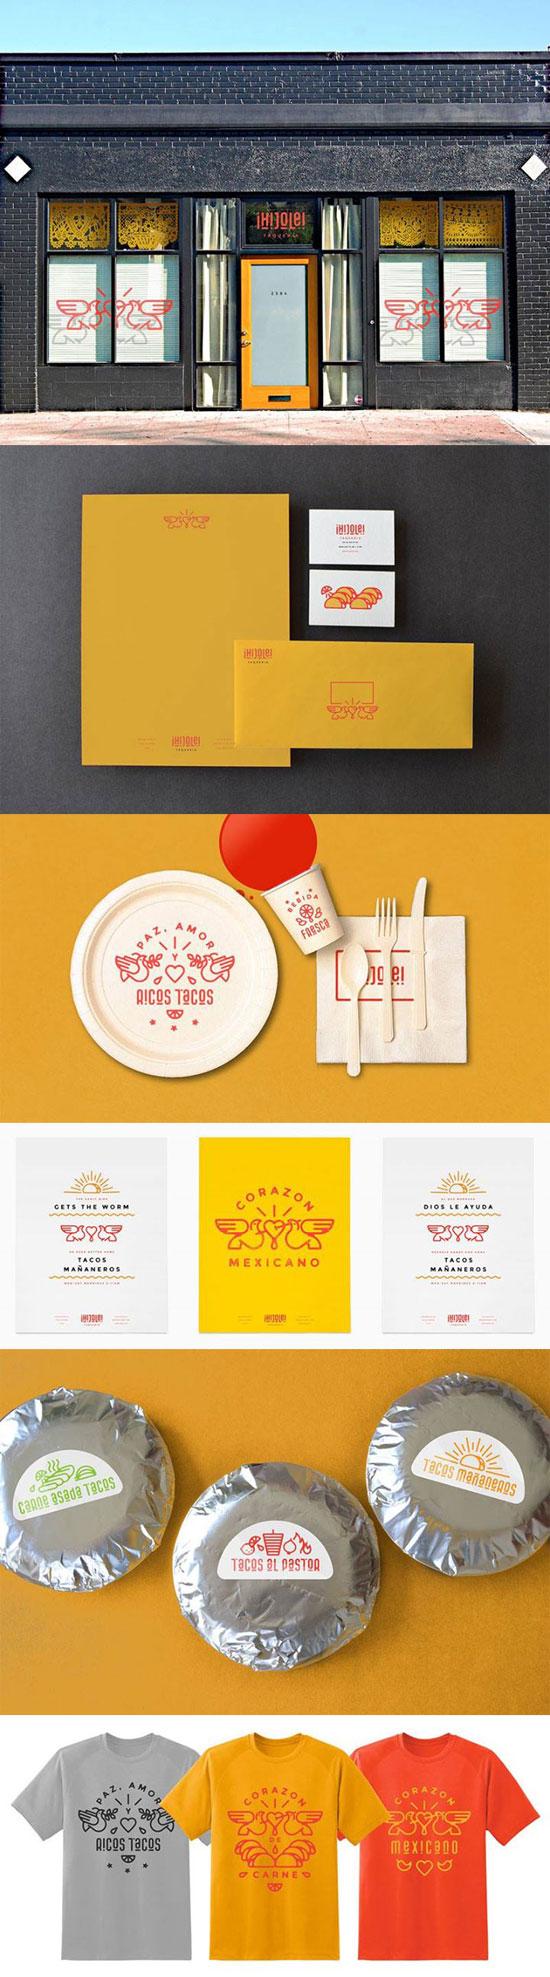 Ejemplos Brillantes de diseño de Imagen Corporativa para Restaurantes